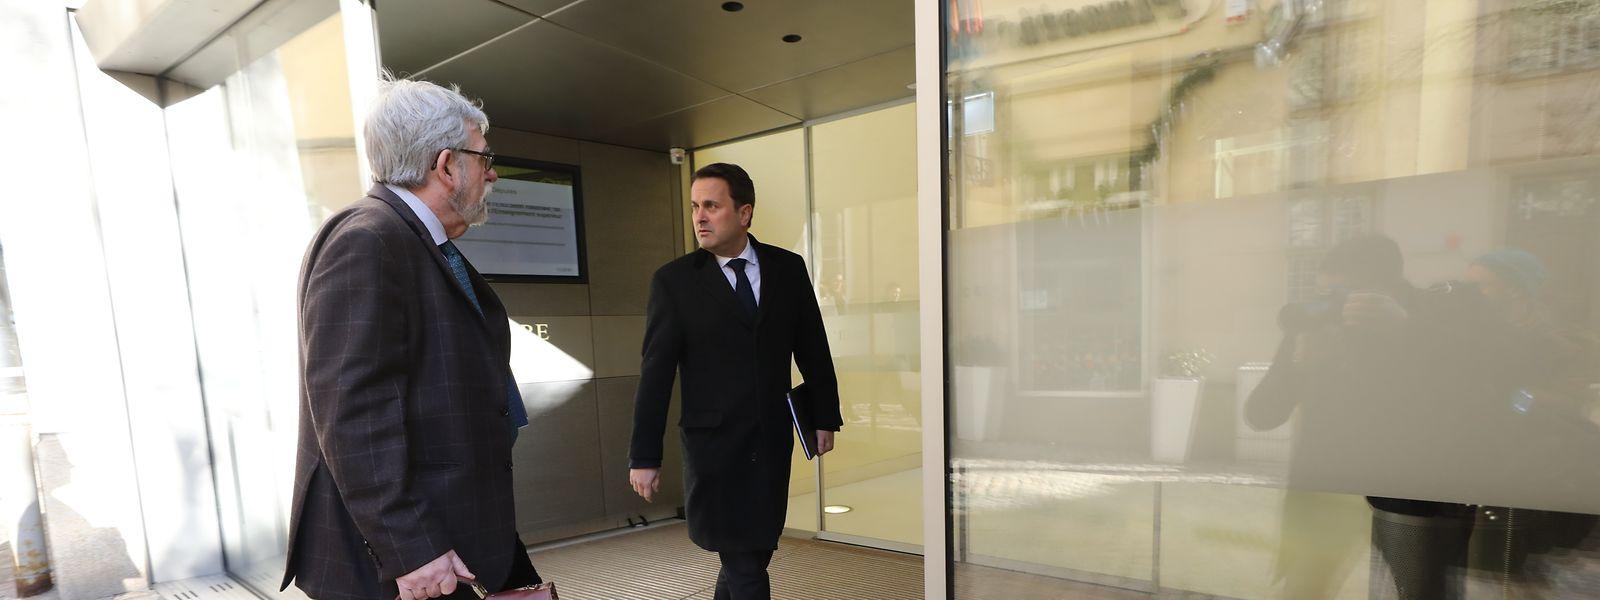 Premier Xavier Bettel und Jeannot Waringo auf dem Weg ins Parlament.